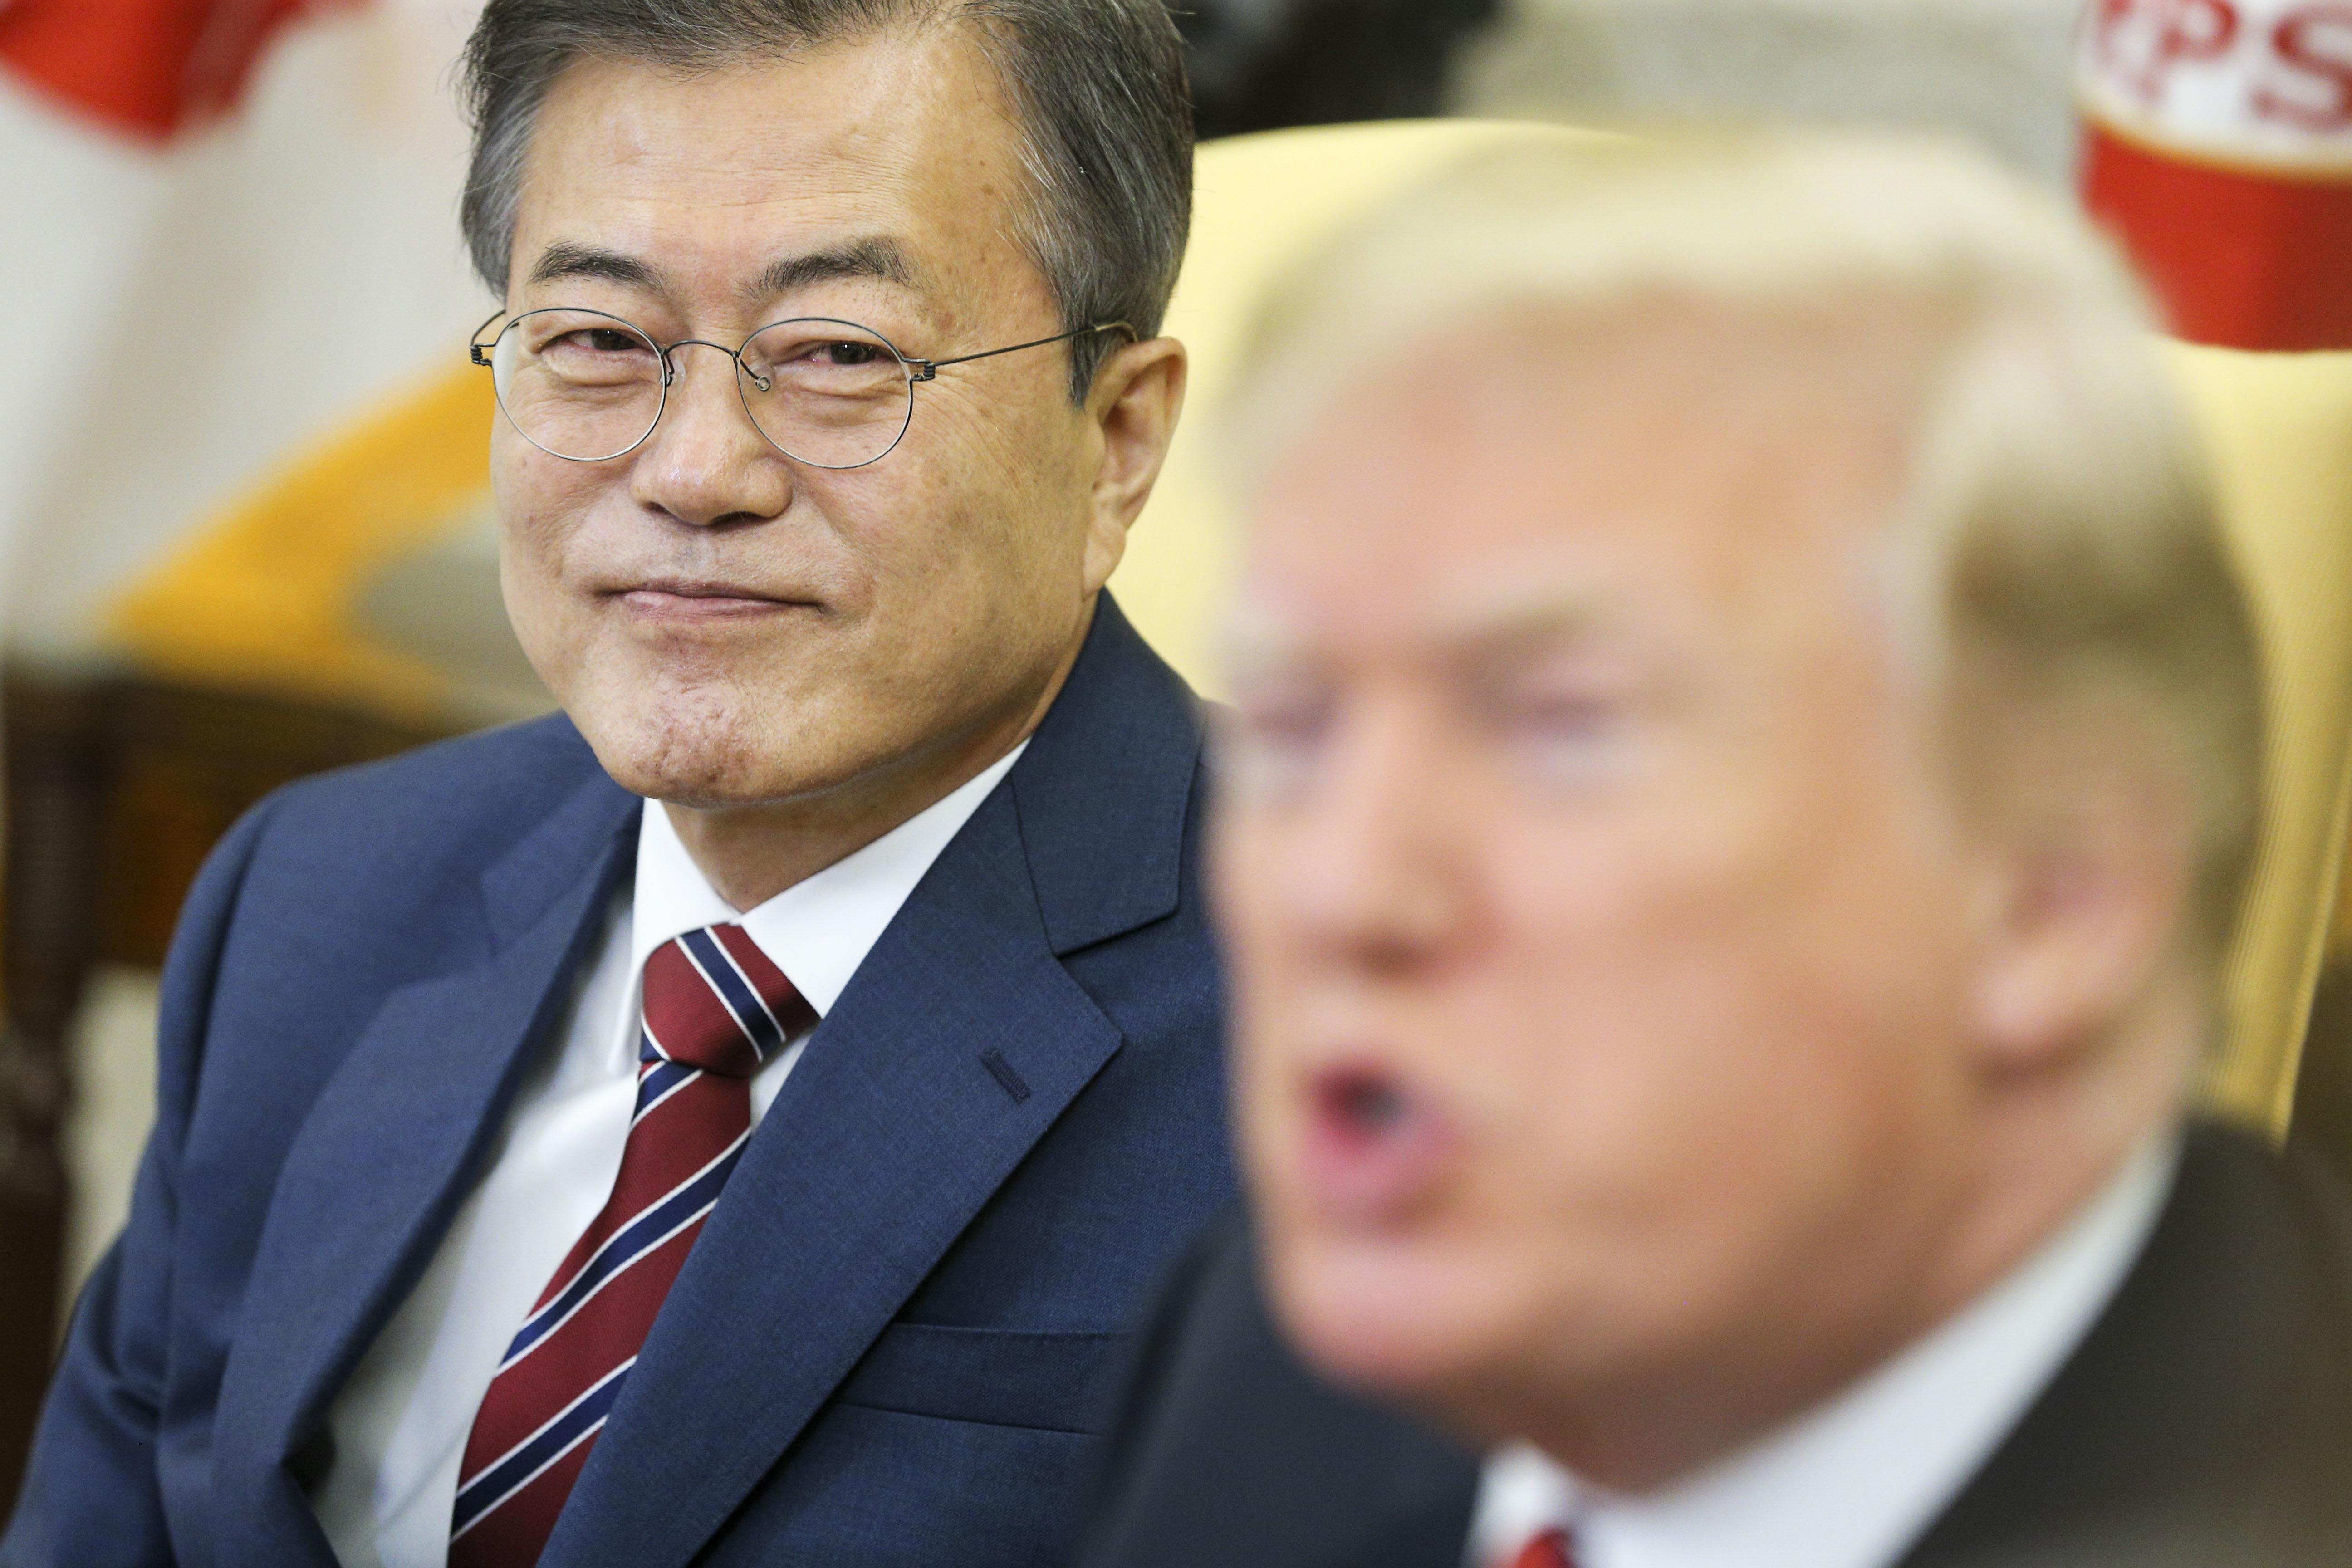 사진은 2018년 5월, 미국을 방문한 문재인 대통령이 백악관에서 회담을 앞두고 도널드 트럼프 미국 대통령의 발언을 경청하는 모습. 미국, 워싱턴DC. 2018년